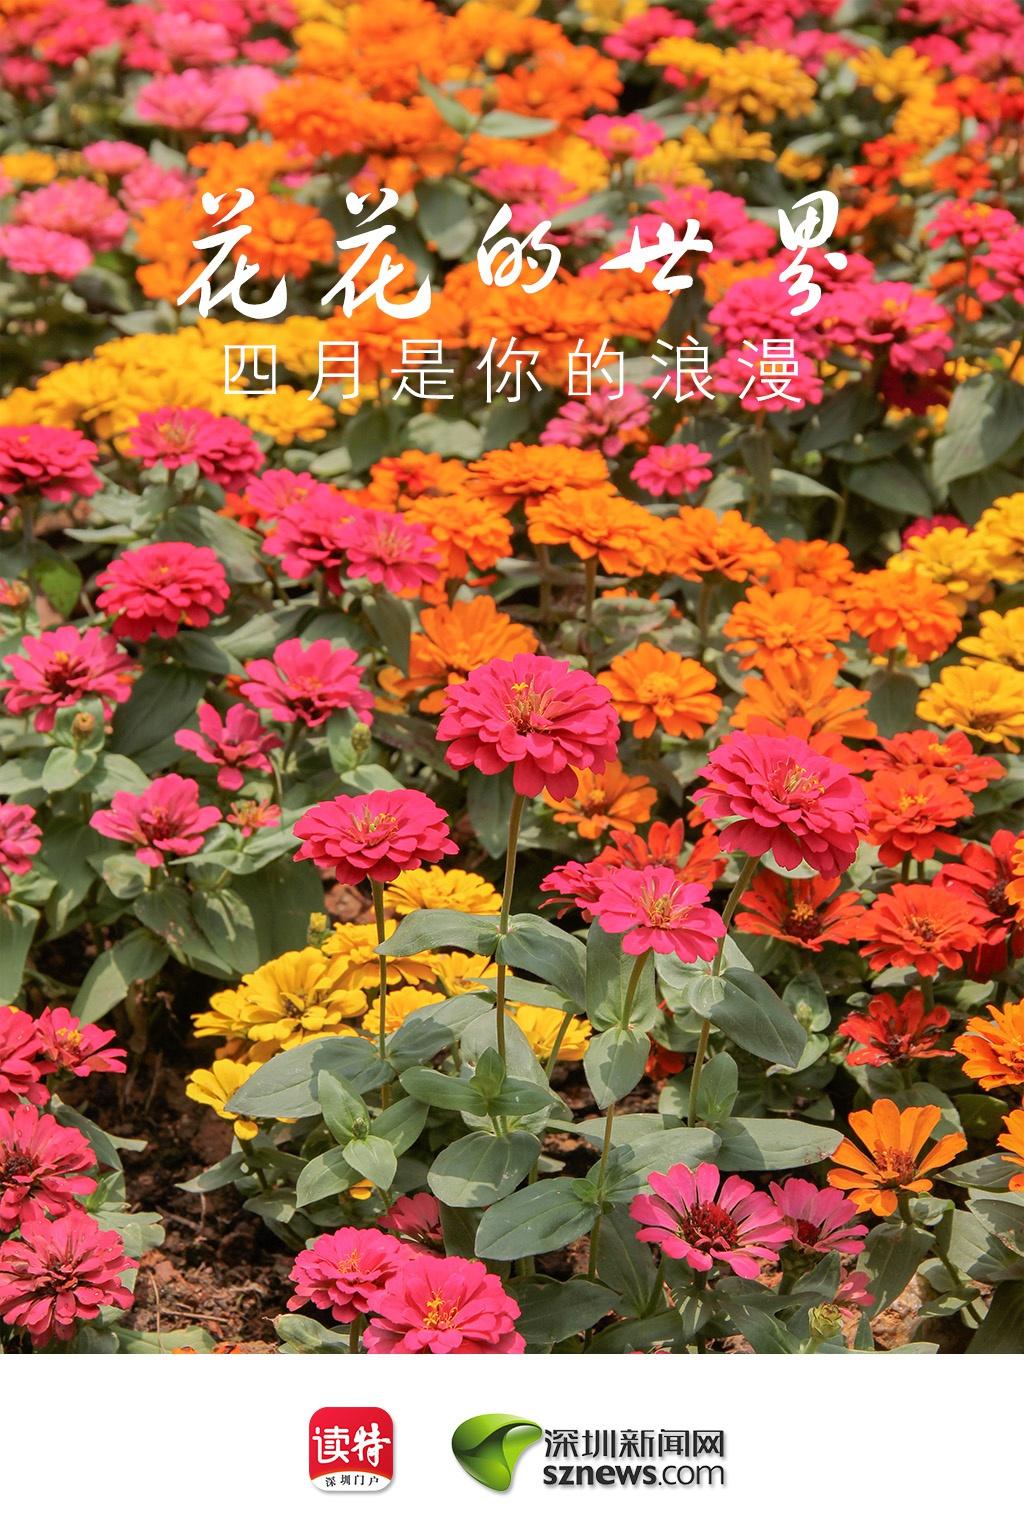 """朱顶红、中国无忧花、松果菊……四月的深圳,你能看到这些""""新朋友"""""""